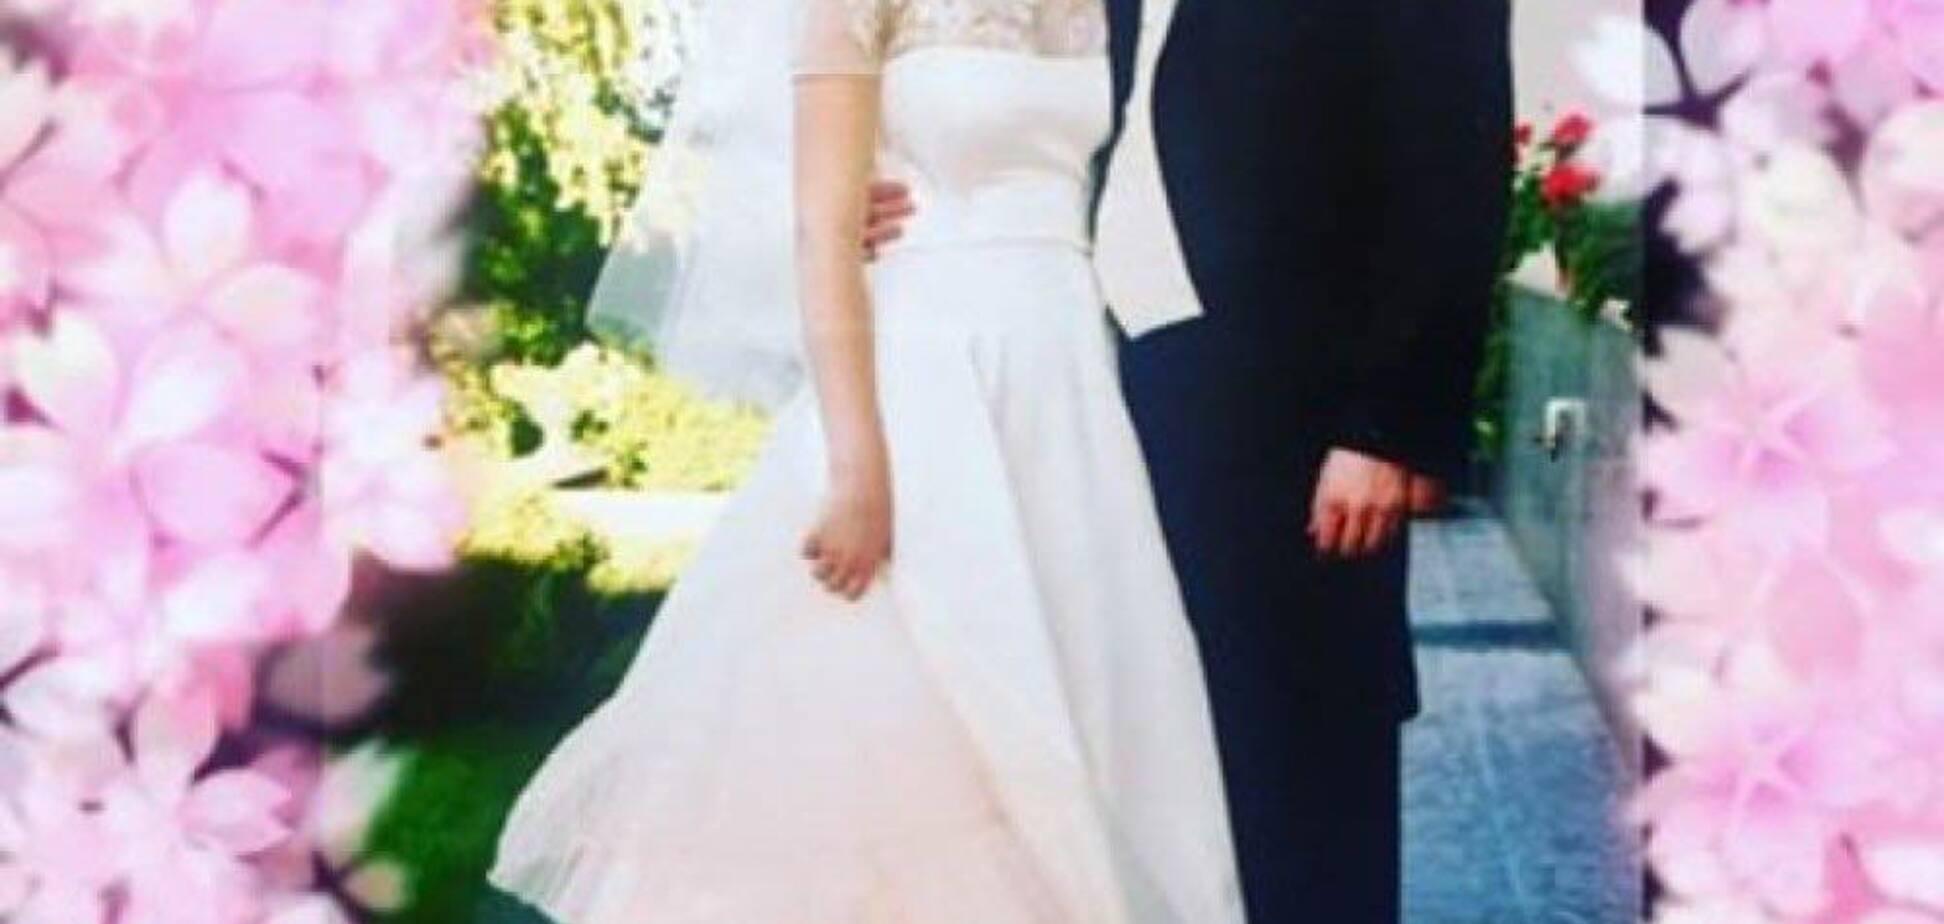 Фото на память: как не испортить образ невесты